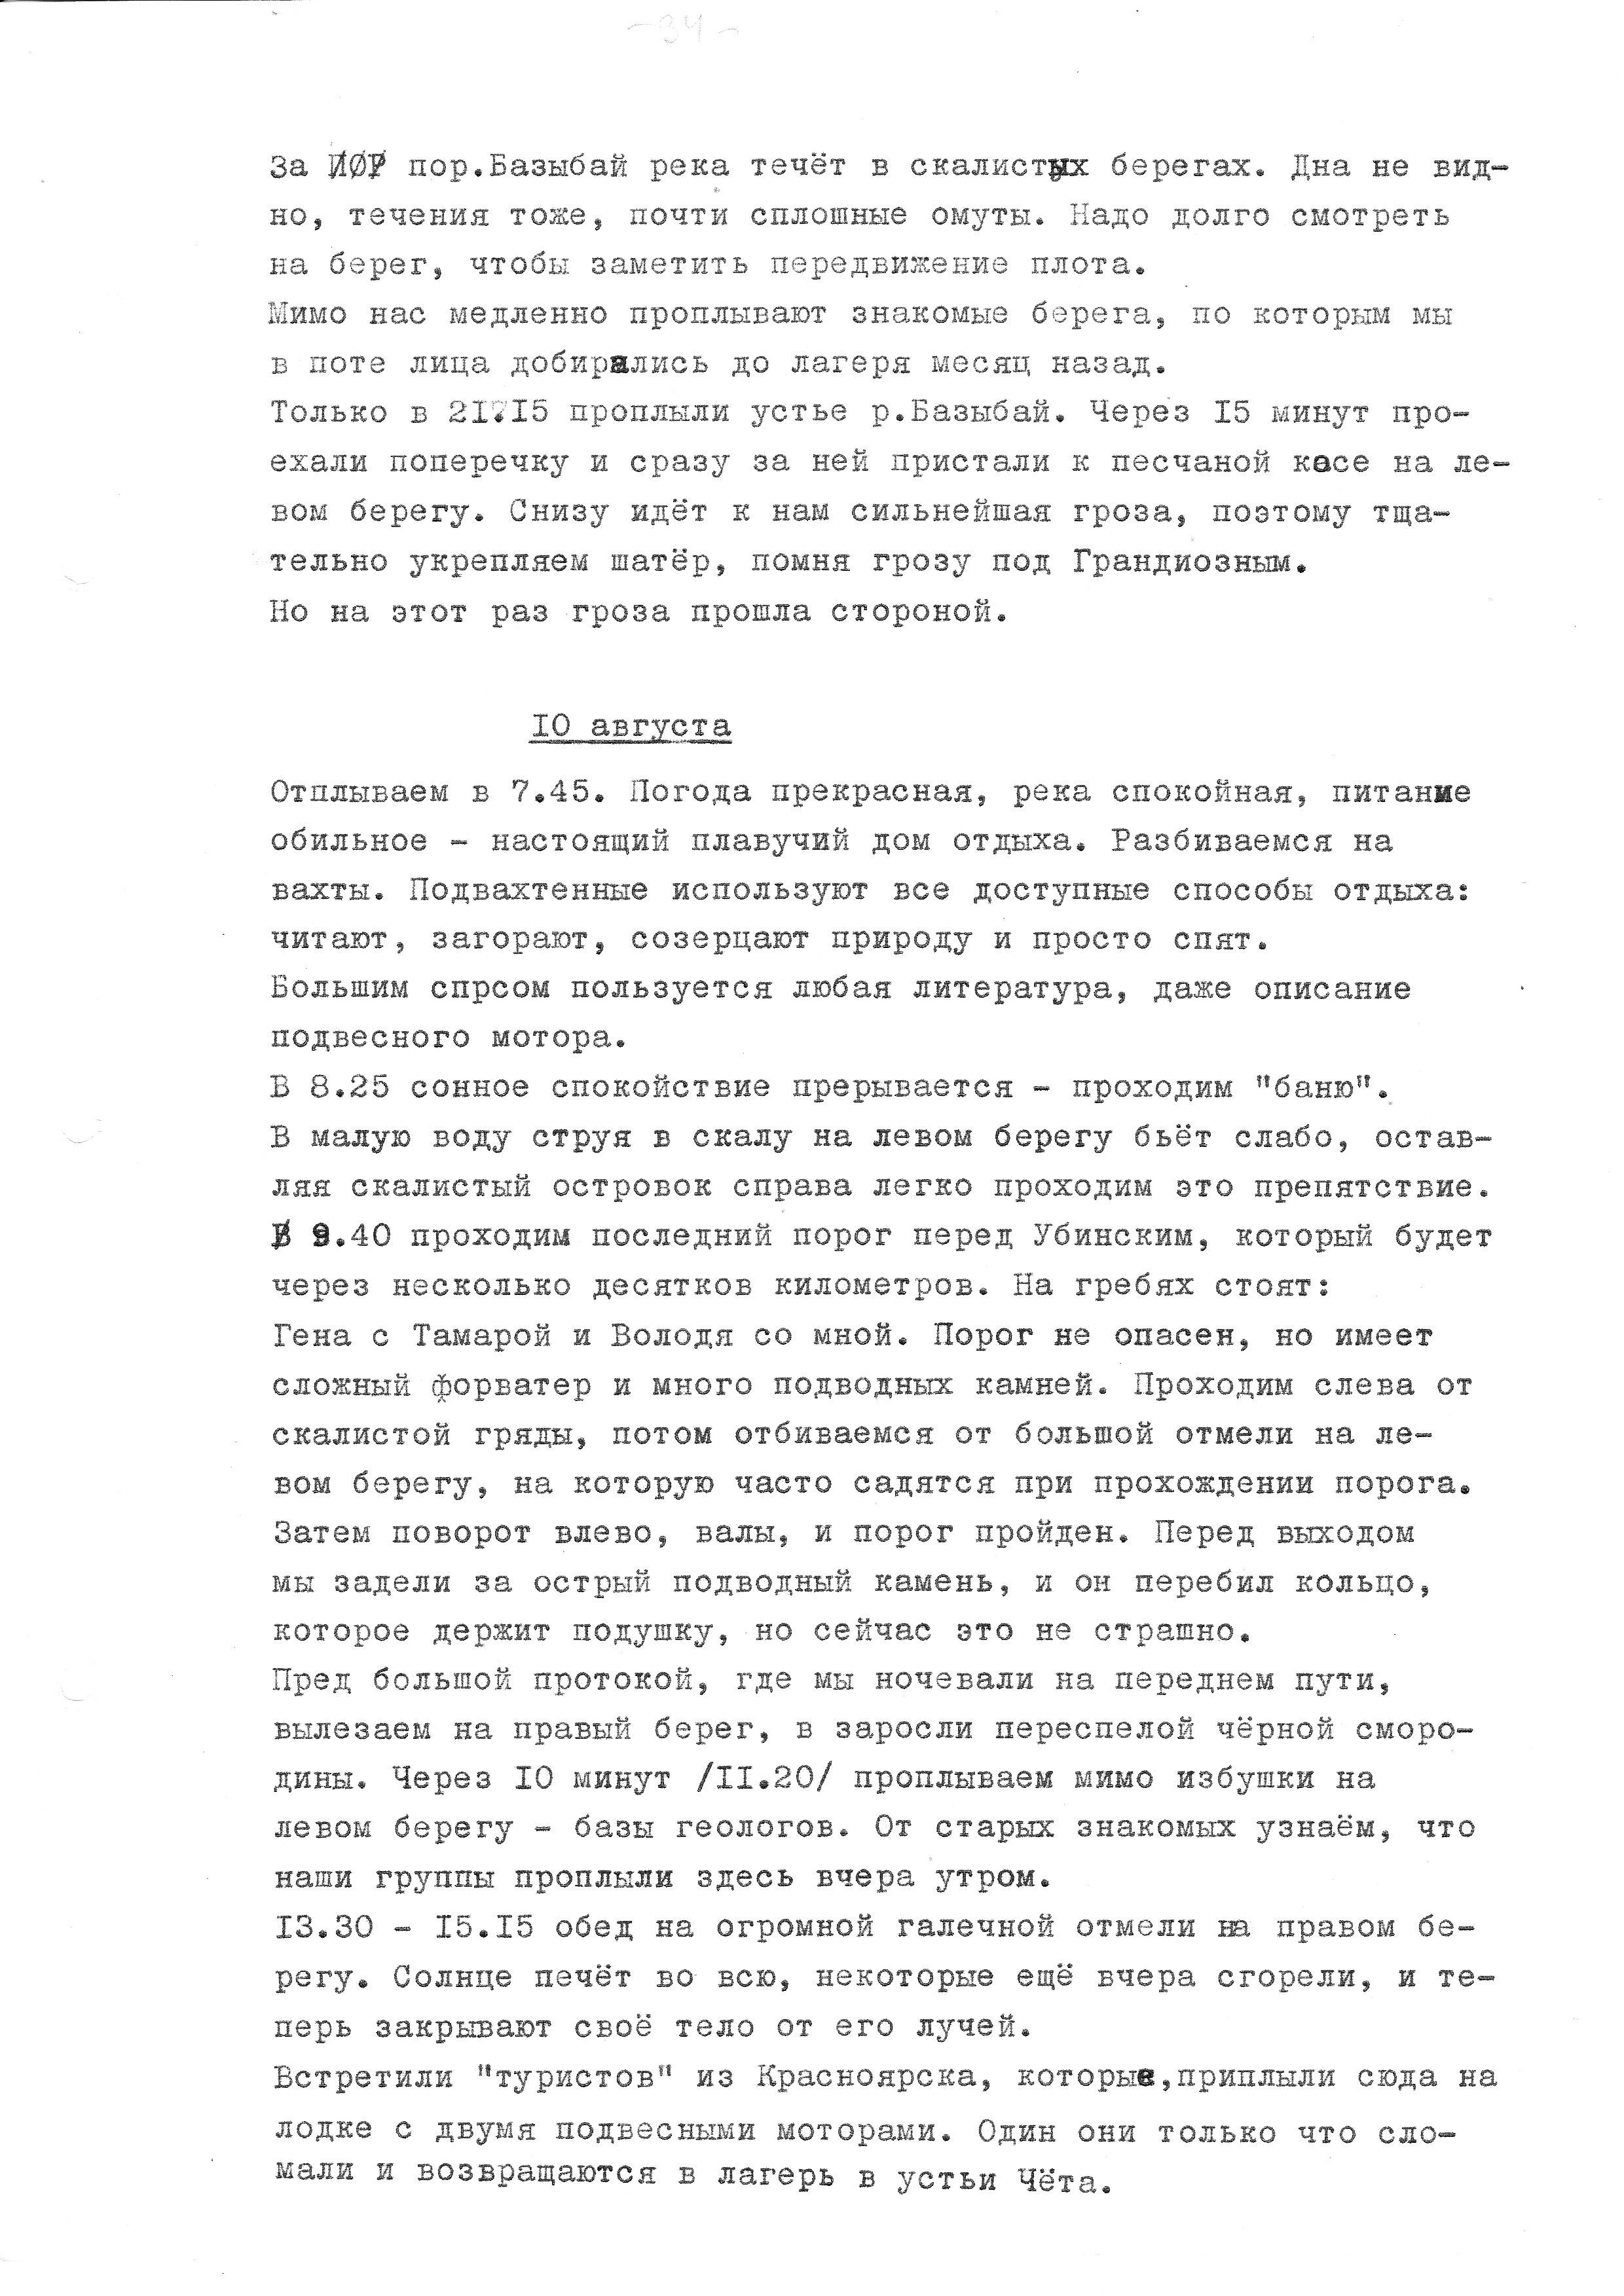 https://img-fotki.yandex.ru/get/3410/164520479.7d/0_e48d1_2eed128d_orig.jpg